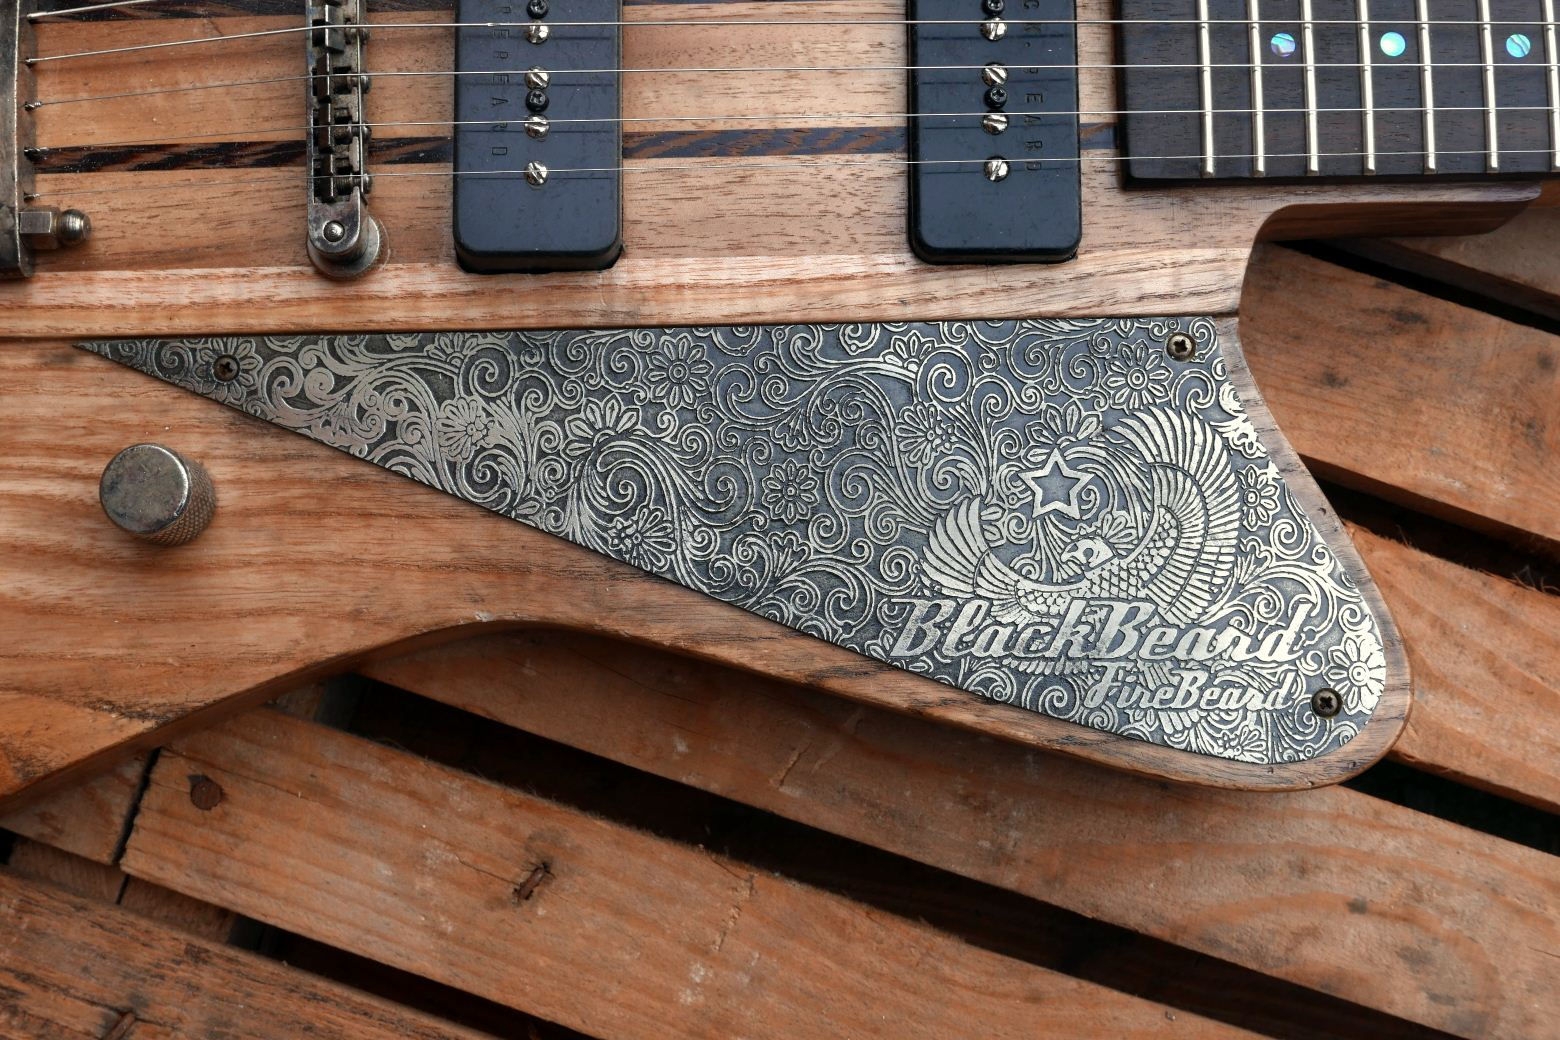 engraved alluminium pickguard